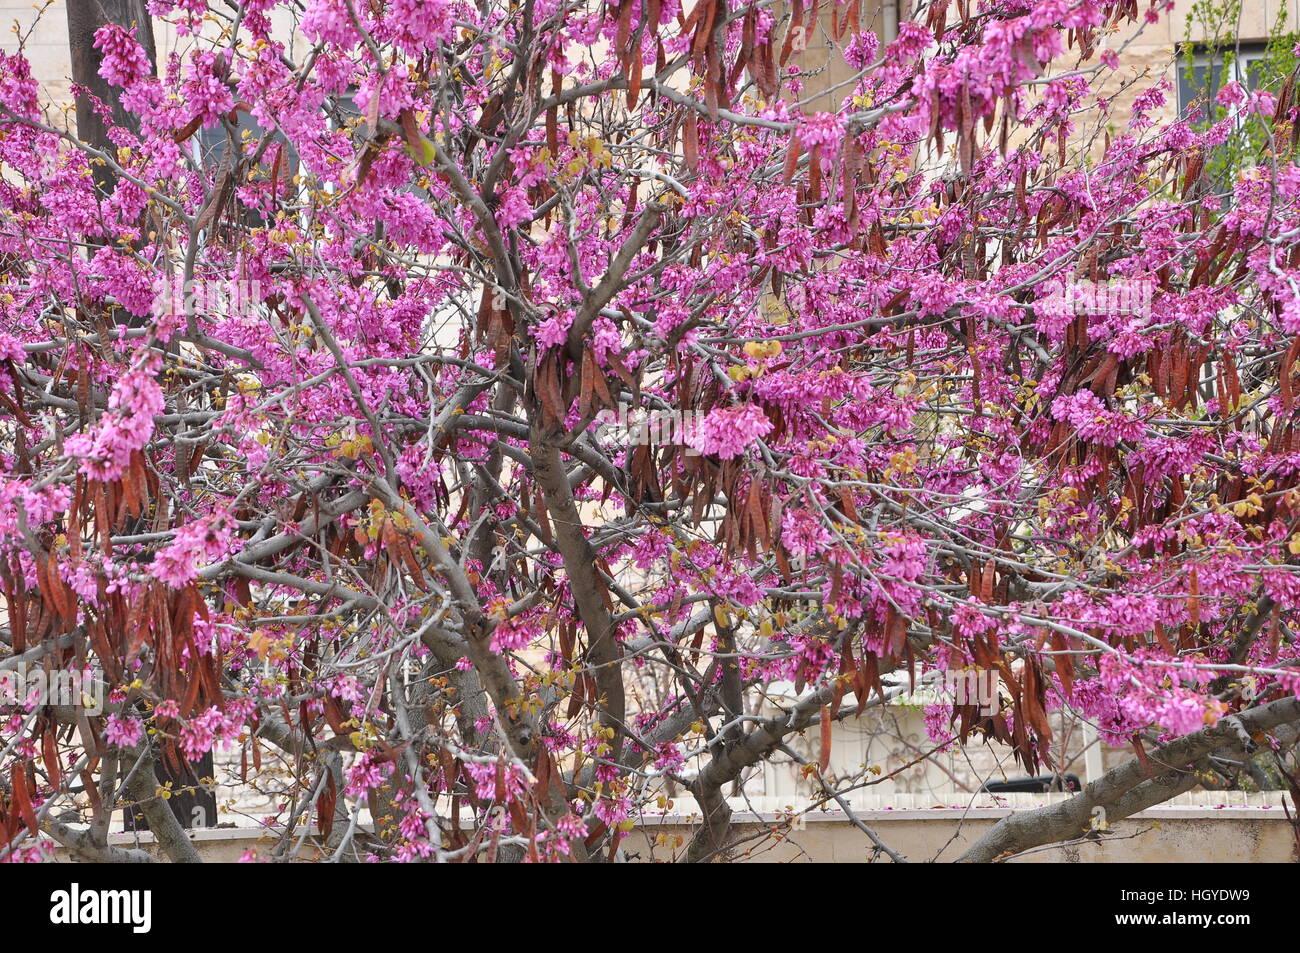 30 JUDAS TREE SEEDS CERCIS SILIQUASTRUM